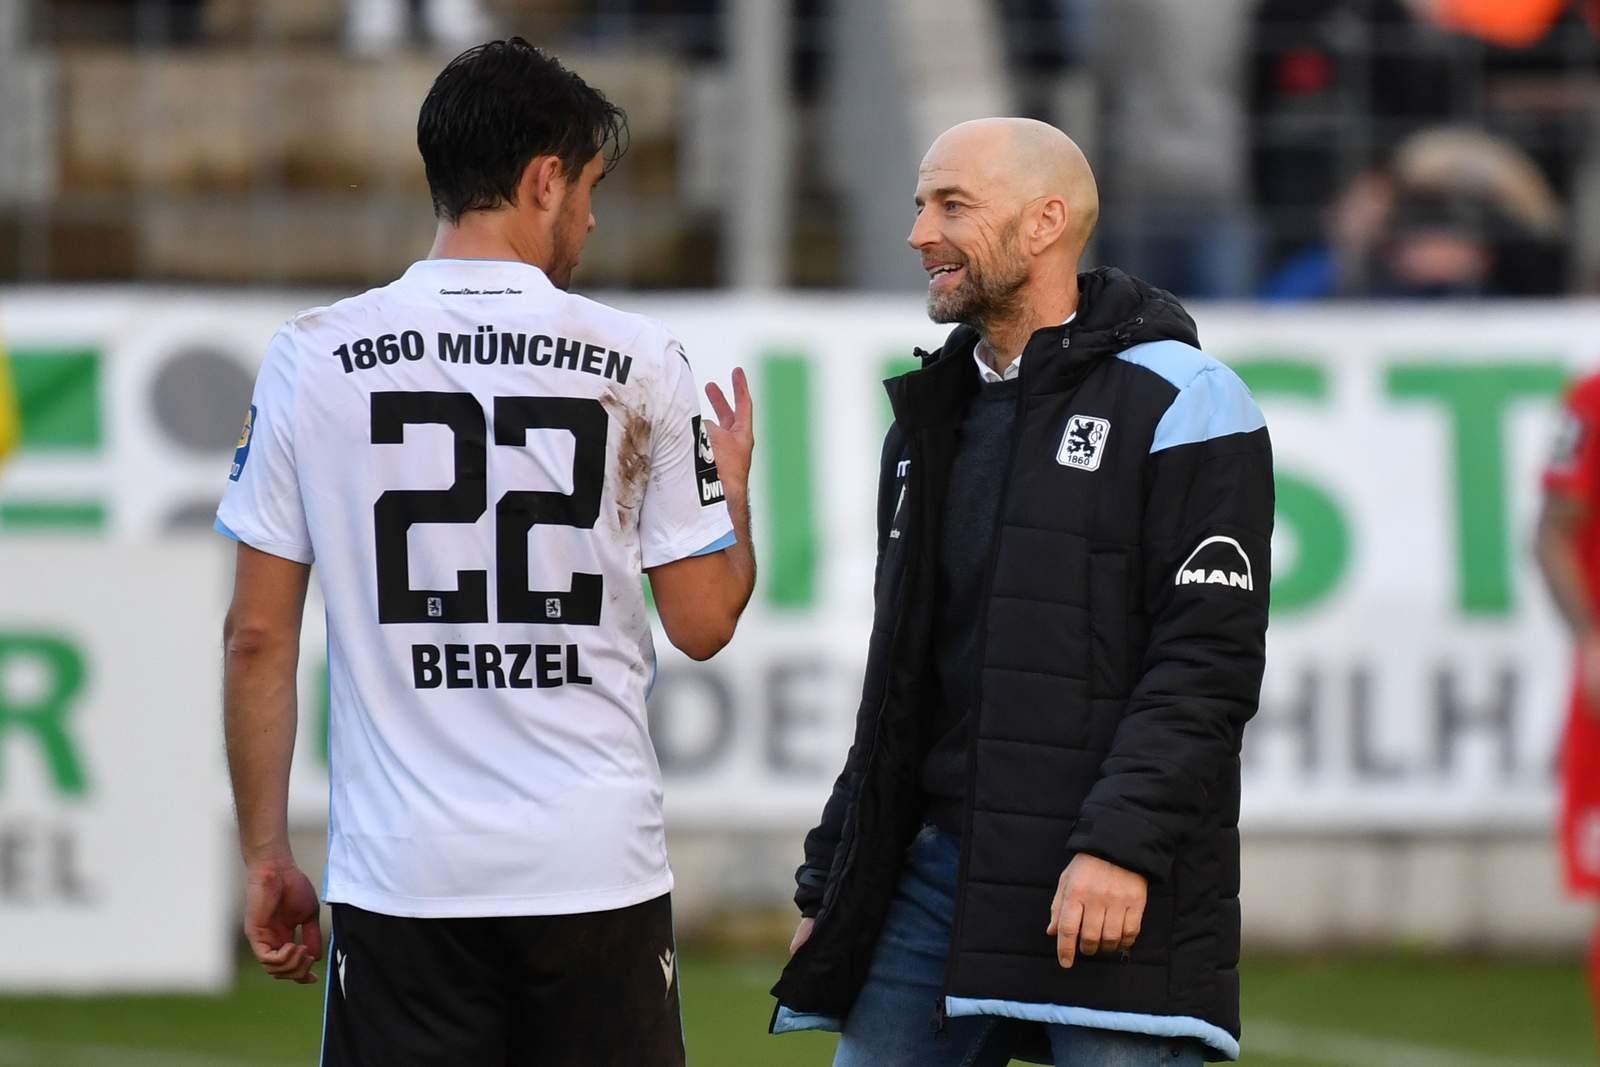 Günther Gorenzel (r.) im Gespräch mit Aaron Berzel.